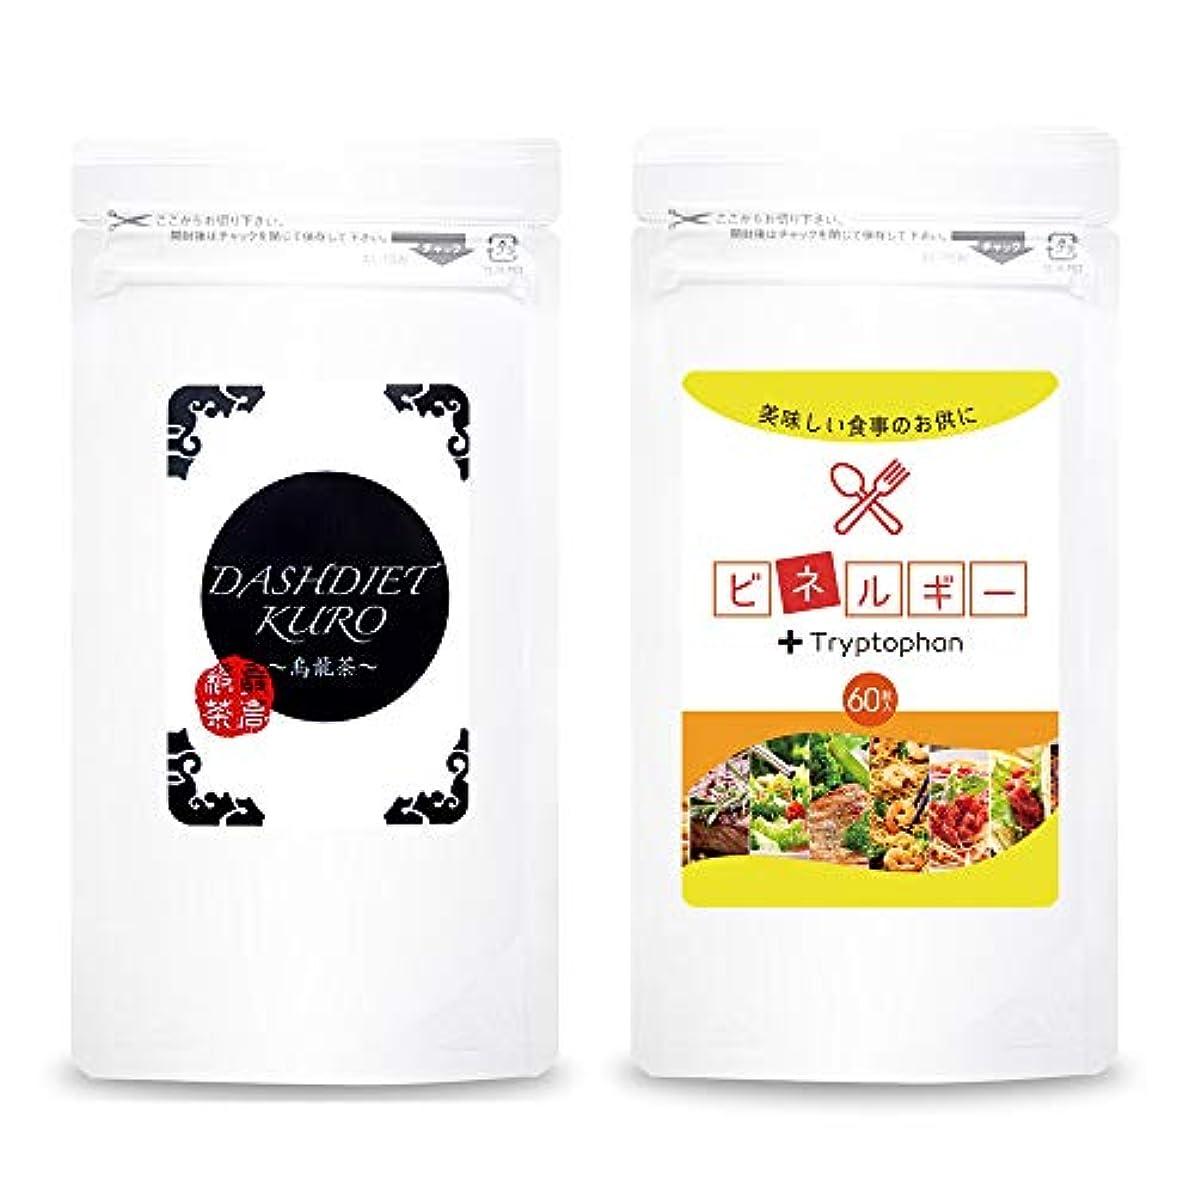 精査メアリアンジョーンズサークルビネルギー & DASHDIET-KURO烏龍茶 燃焼系 サプリメントセット 寝ている間に ダイエット